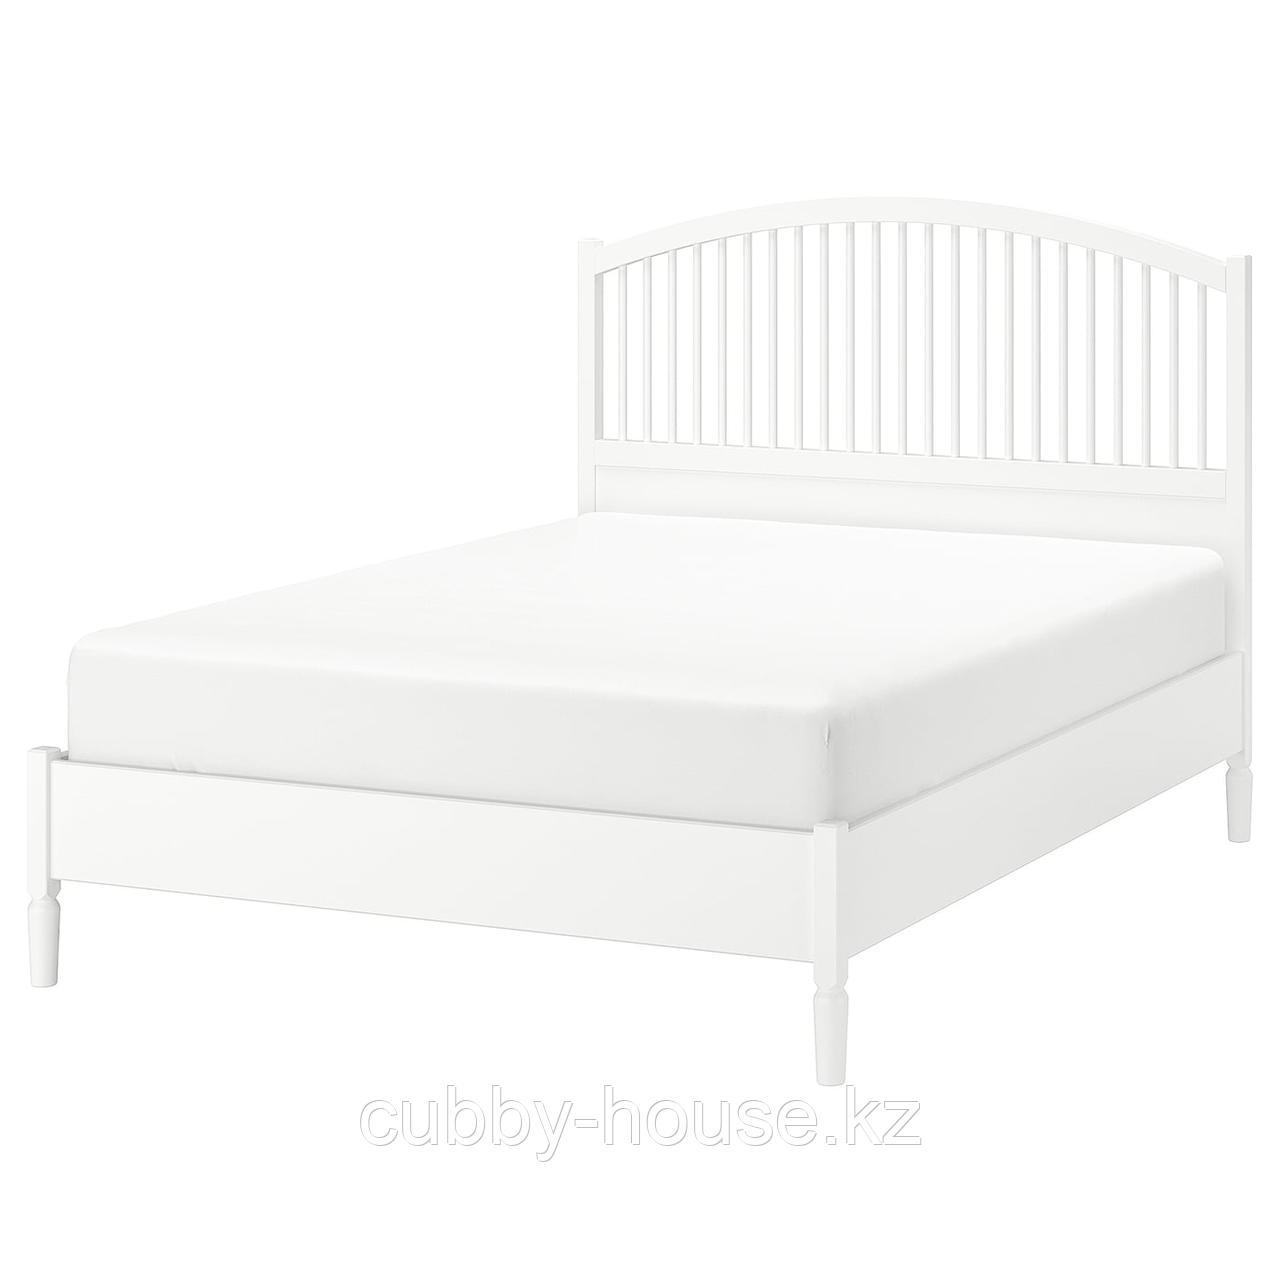 ТИССЕДАЛЬ Каркас кровати, белый, Леирсунд, 160x200 см